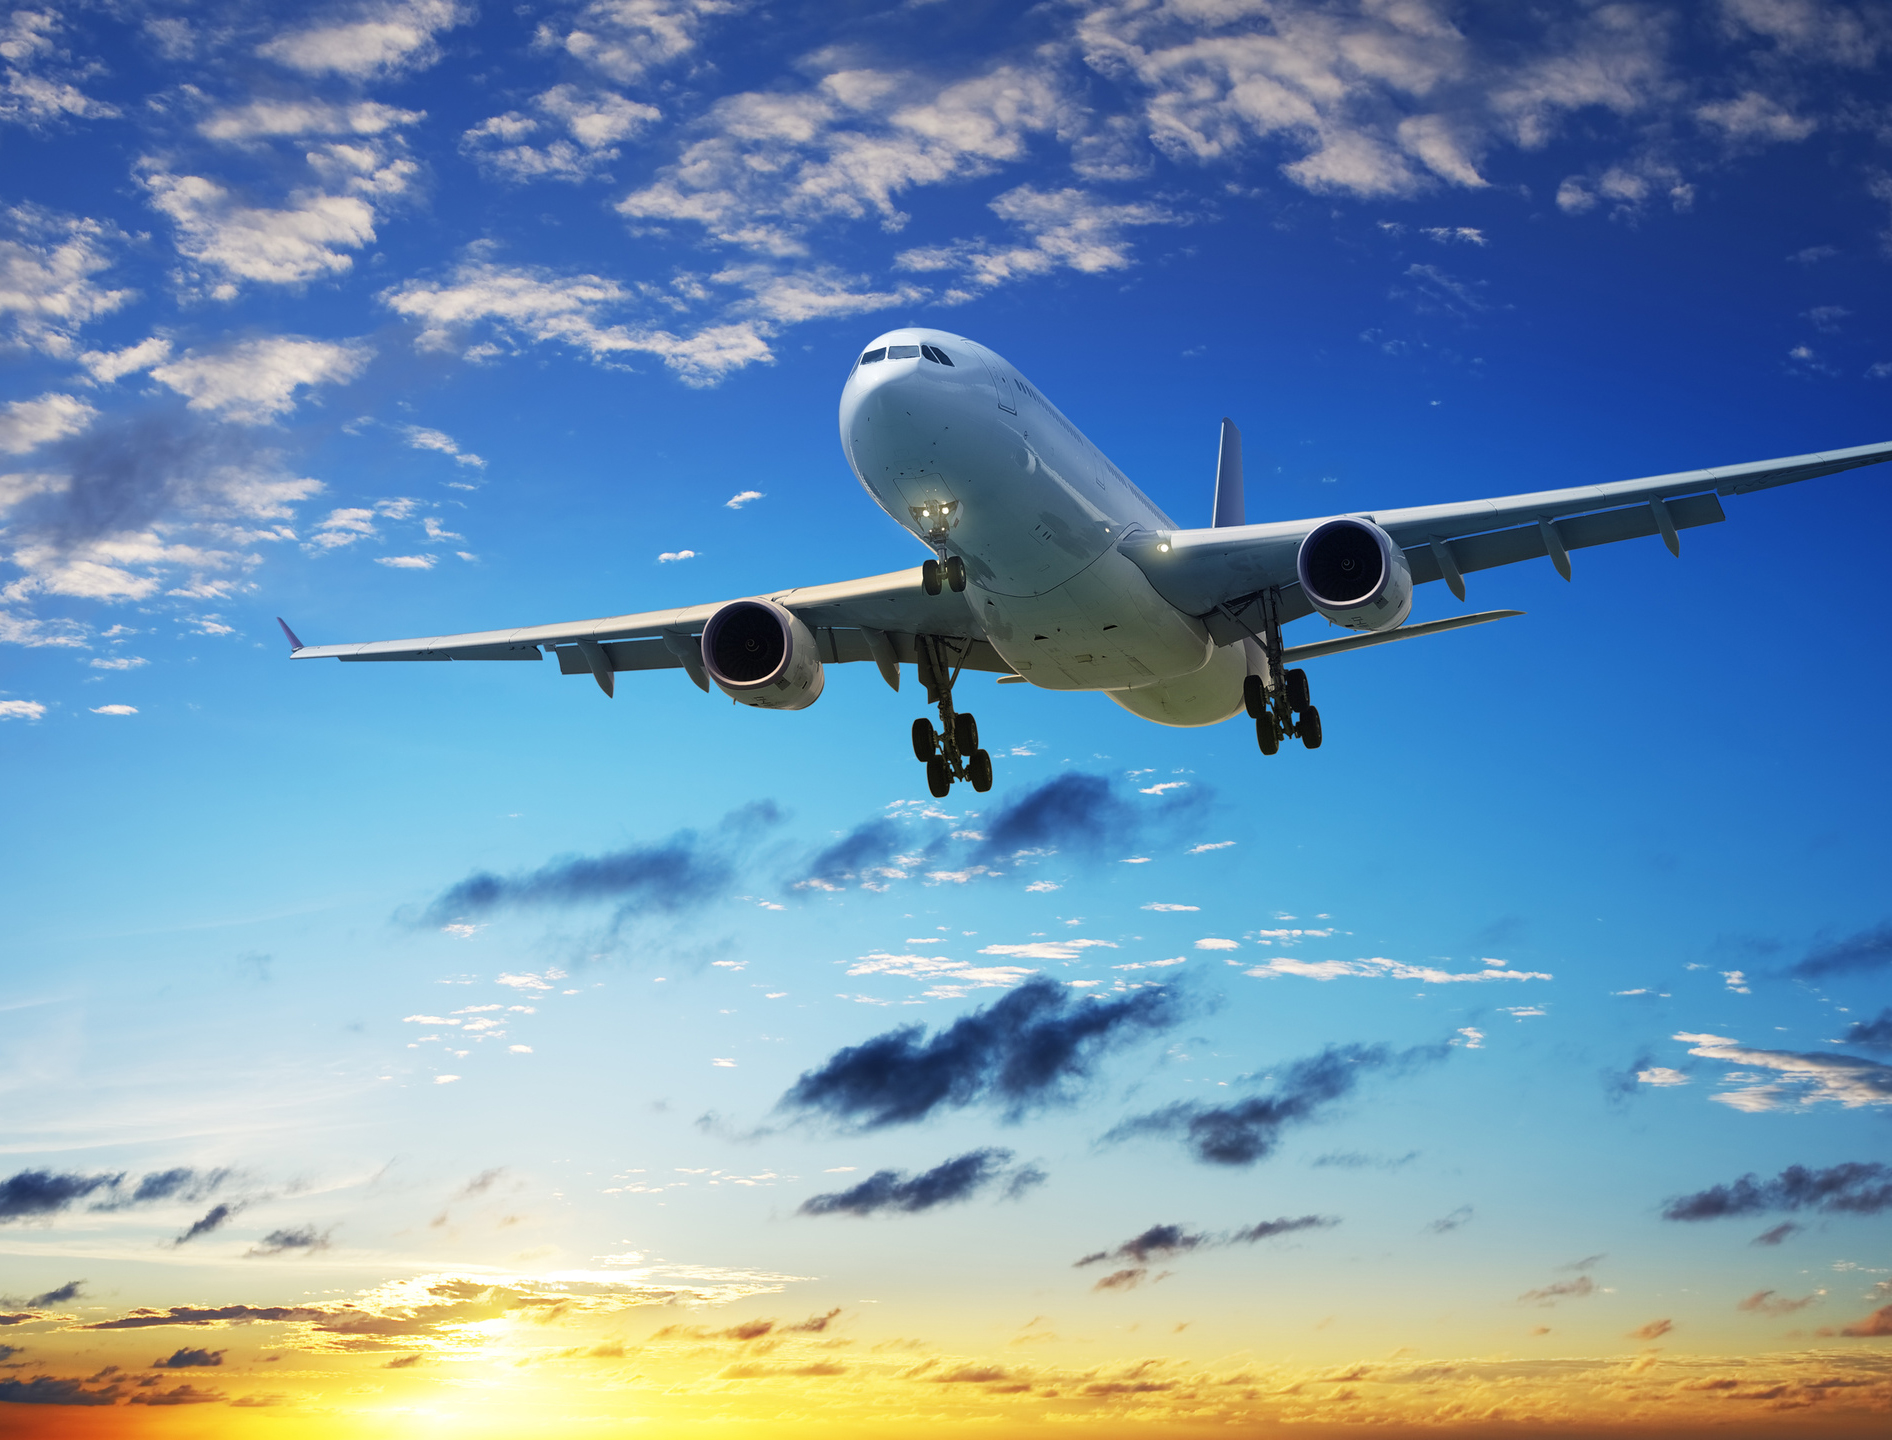 Аэропорт «Калуга» открыл новые рейсы в Москву